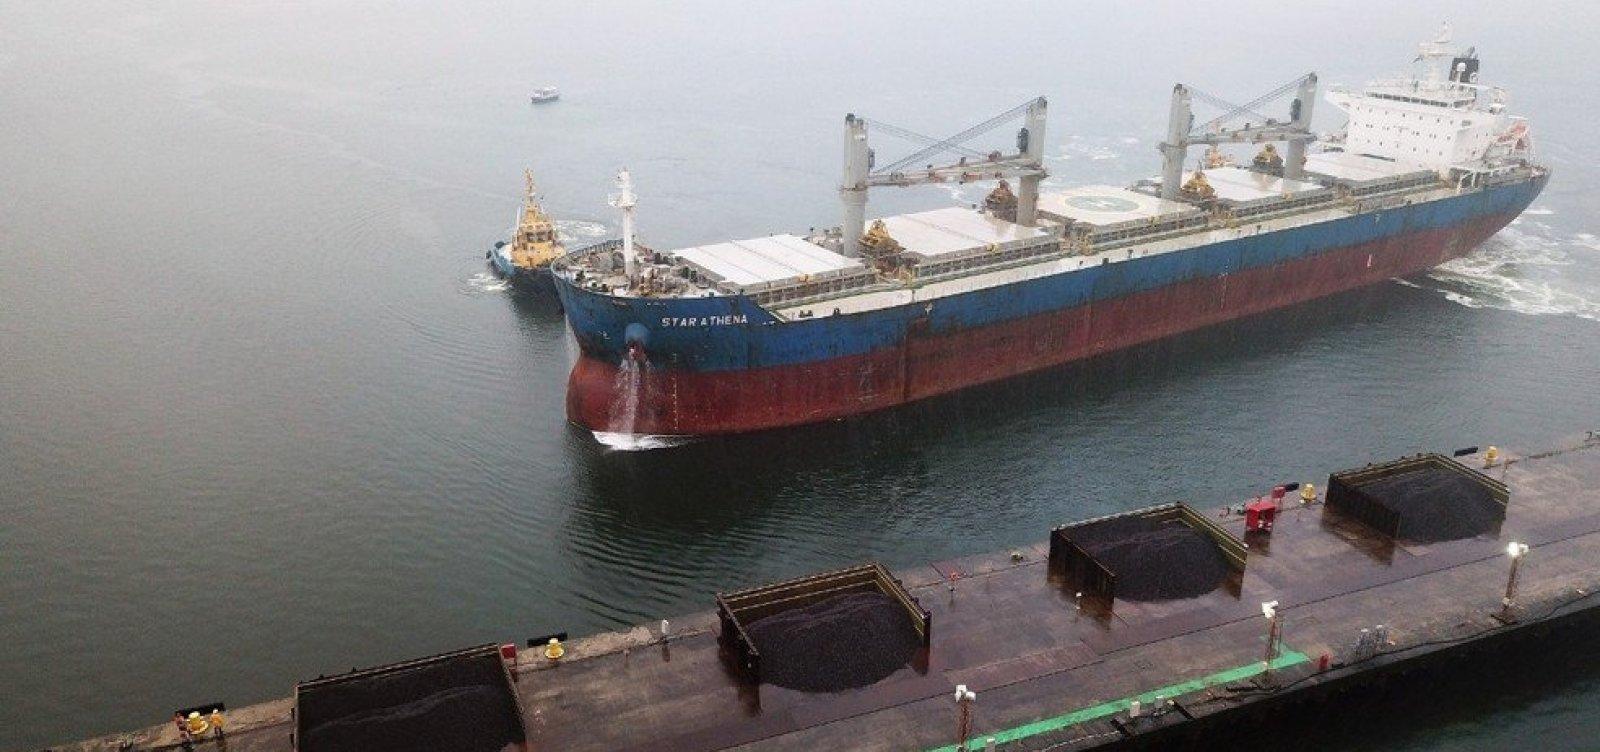 [Carregamento de 44 mil toneladas de minério baiano começa a ser preparado para envio à China]